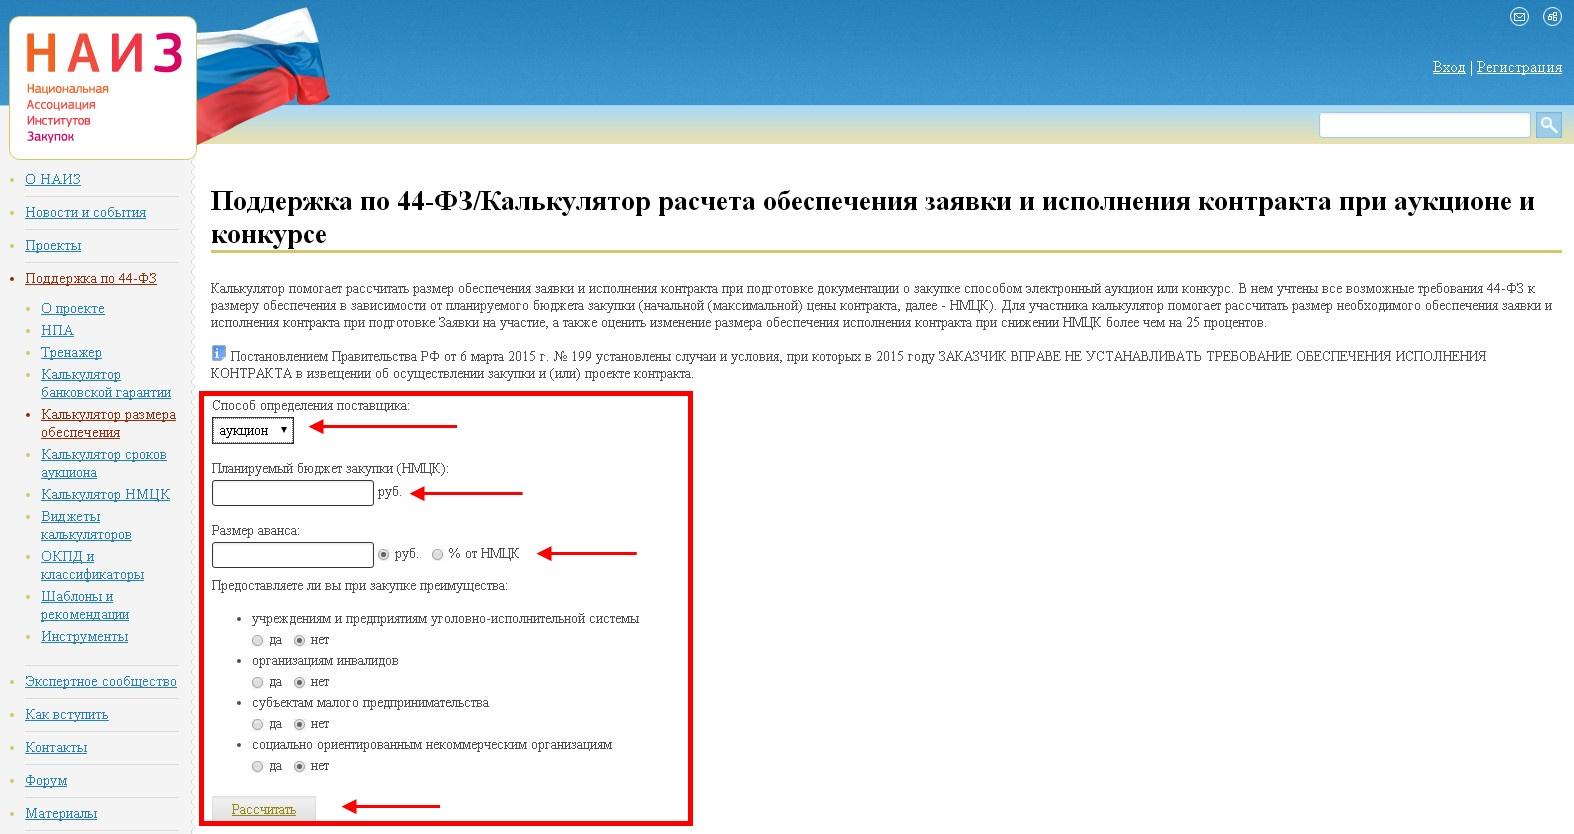 калькулятор расчета размера обеспечения заявки